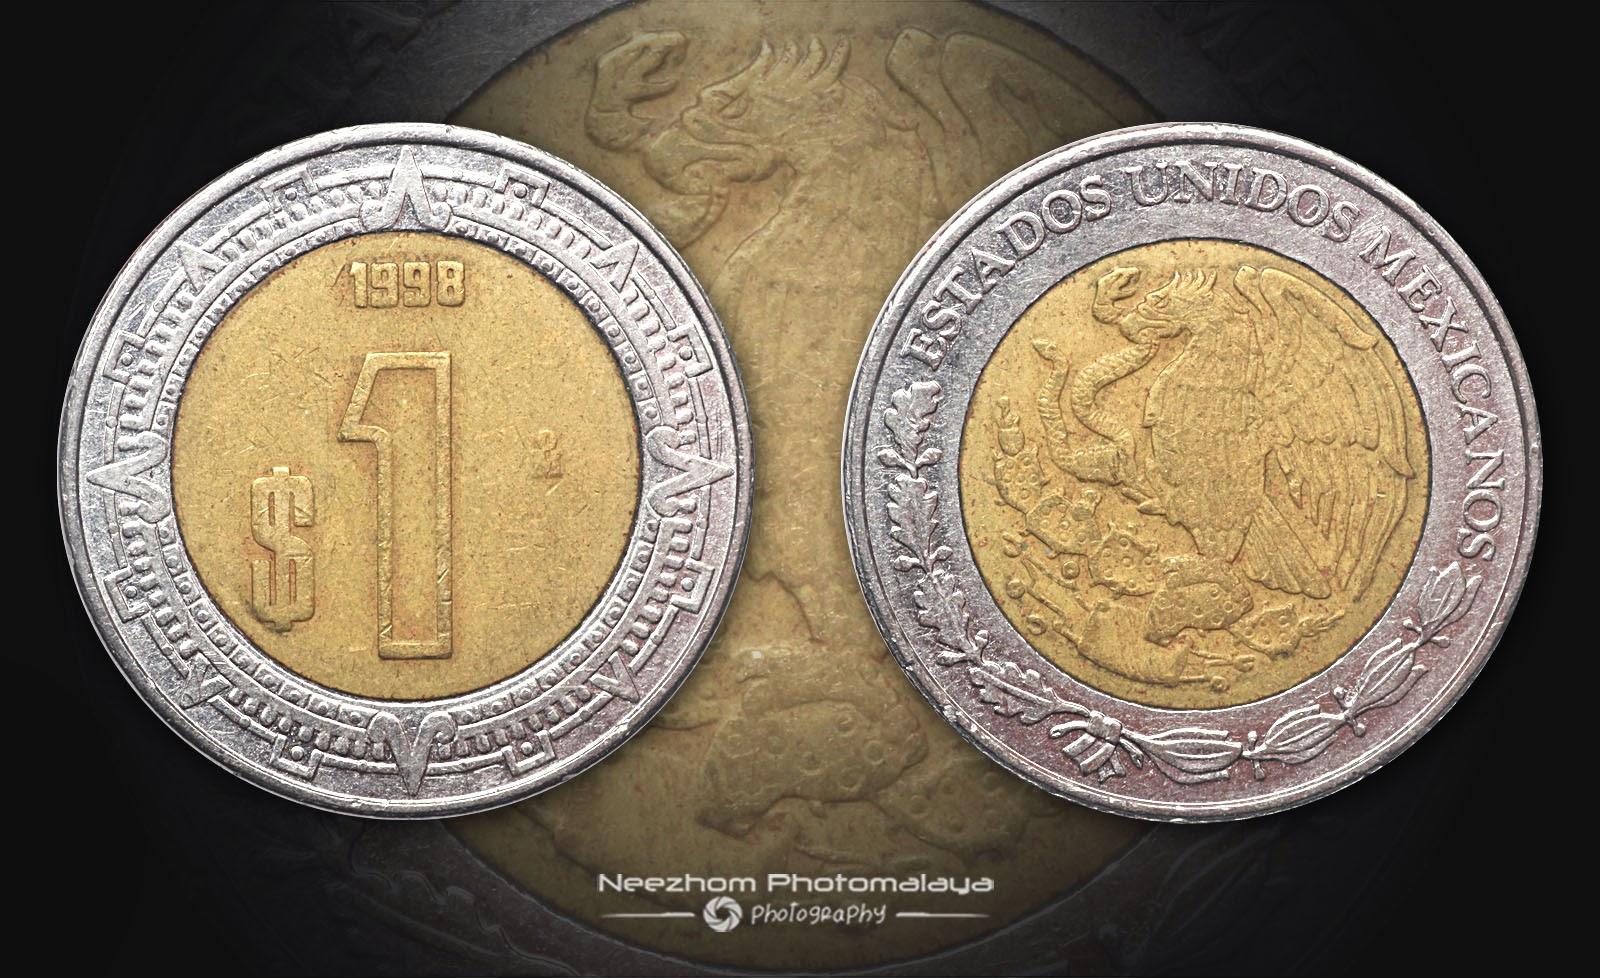 Mexico bi metal coin 1 Peso 1998